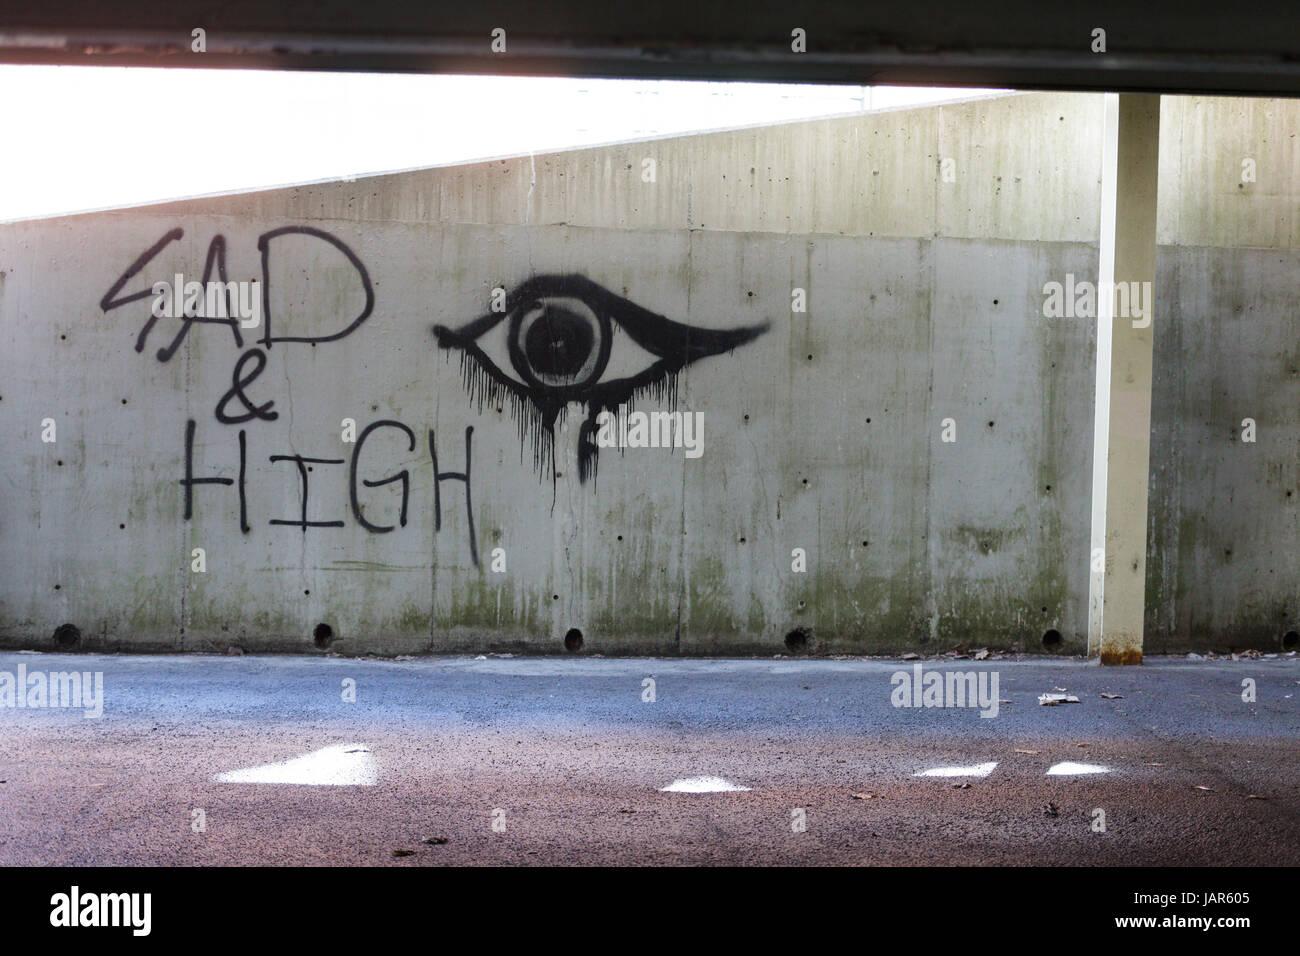 TROY, NEW YORK, 25 febbraio 2017: i graffiti sulla parete di un parcheggio 'Sannuncio e alta' possono essere Immagini Stock